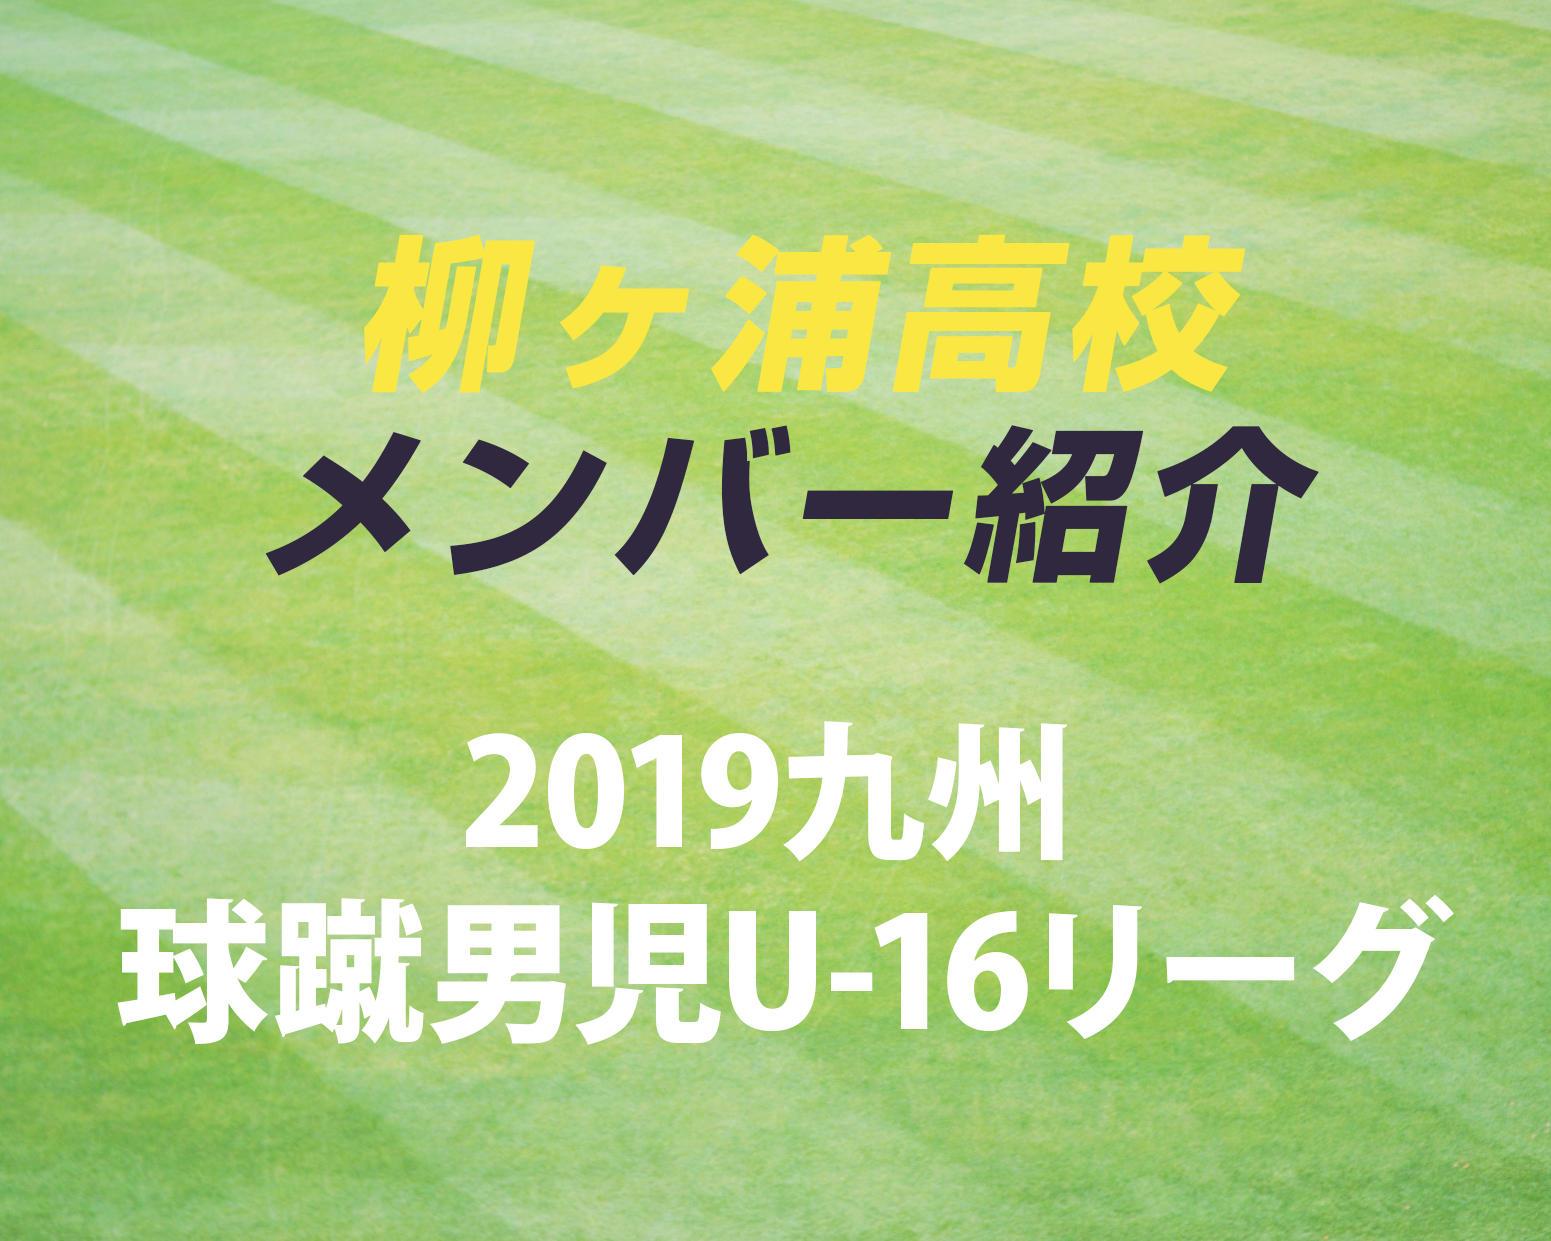 大分の強豪・柳ヶ浦高校サッカー部のメンバー紹介!(2019 球蹴男児U-16  D2リーグ)